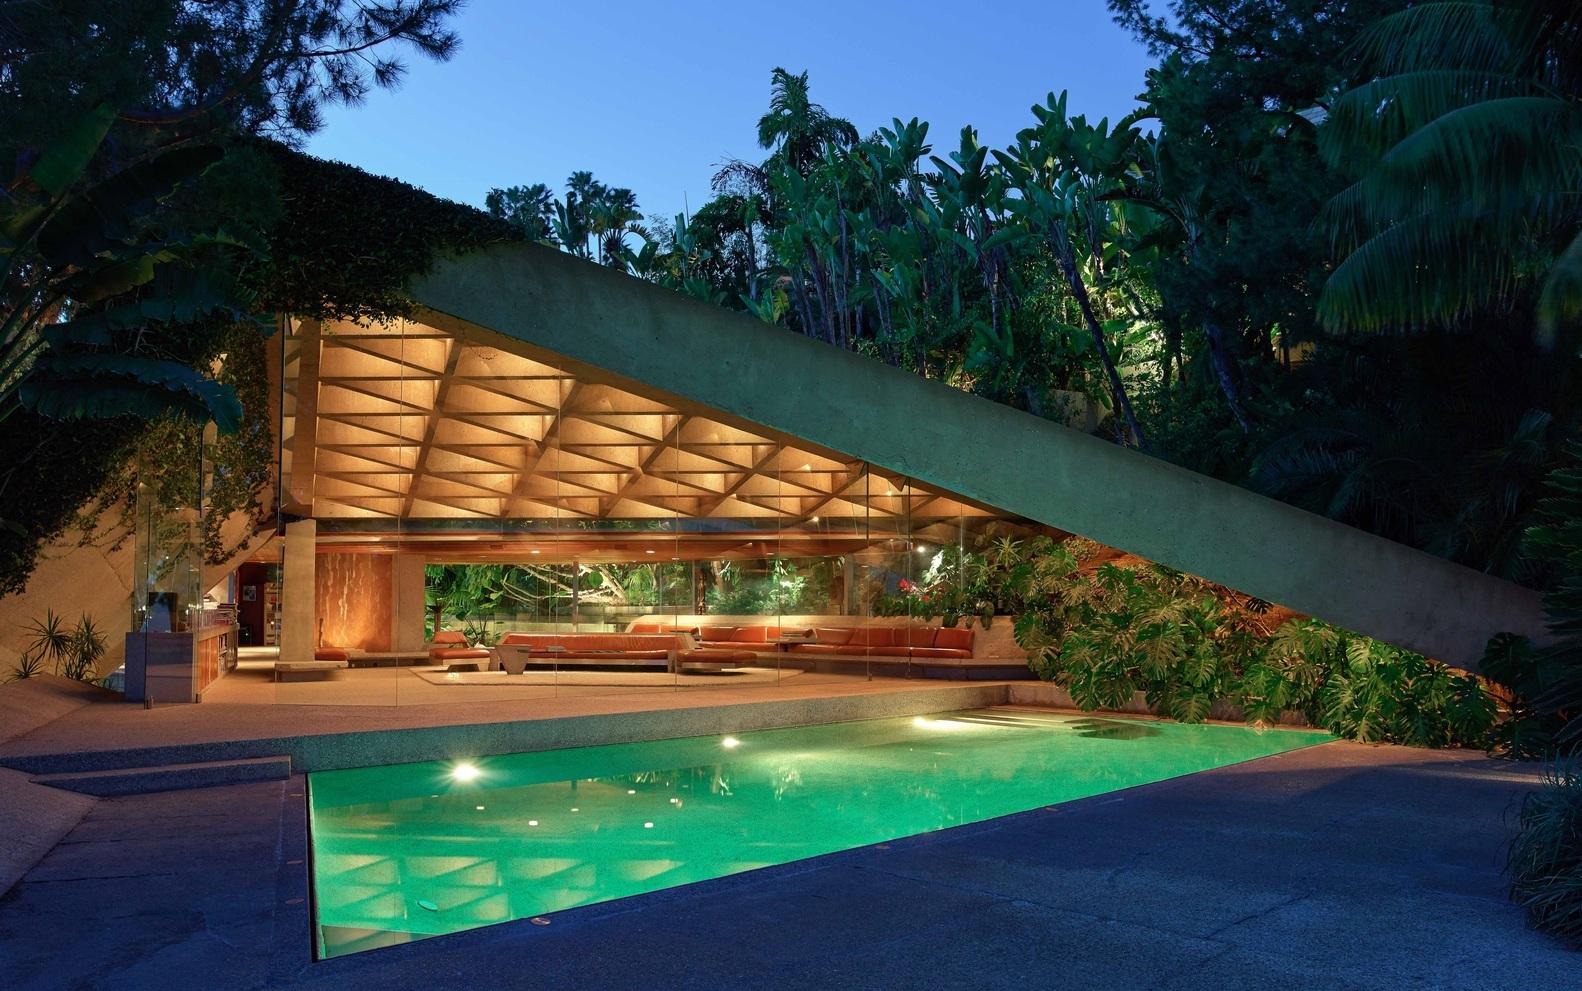 piscinas Jeff_Green-_Goldstein_House_by_John_Lautner